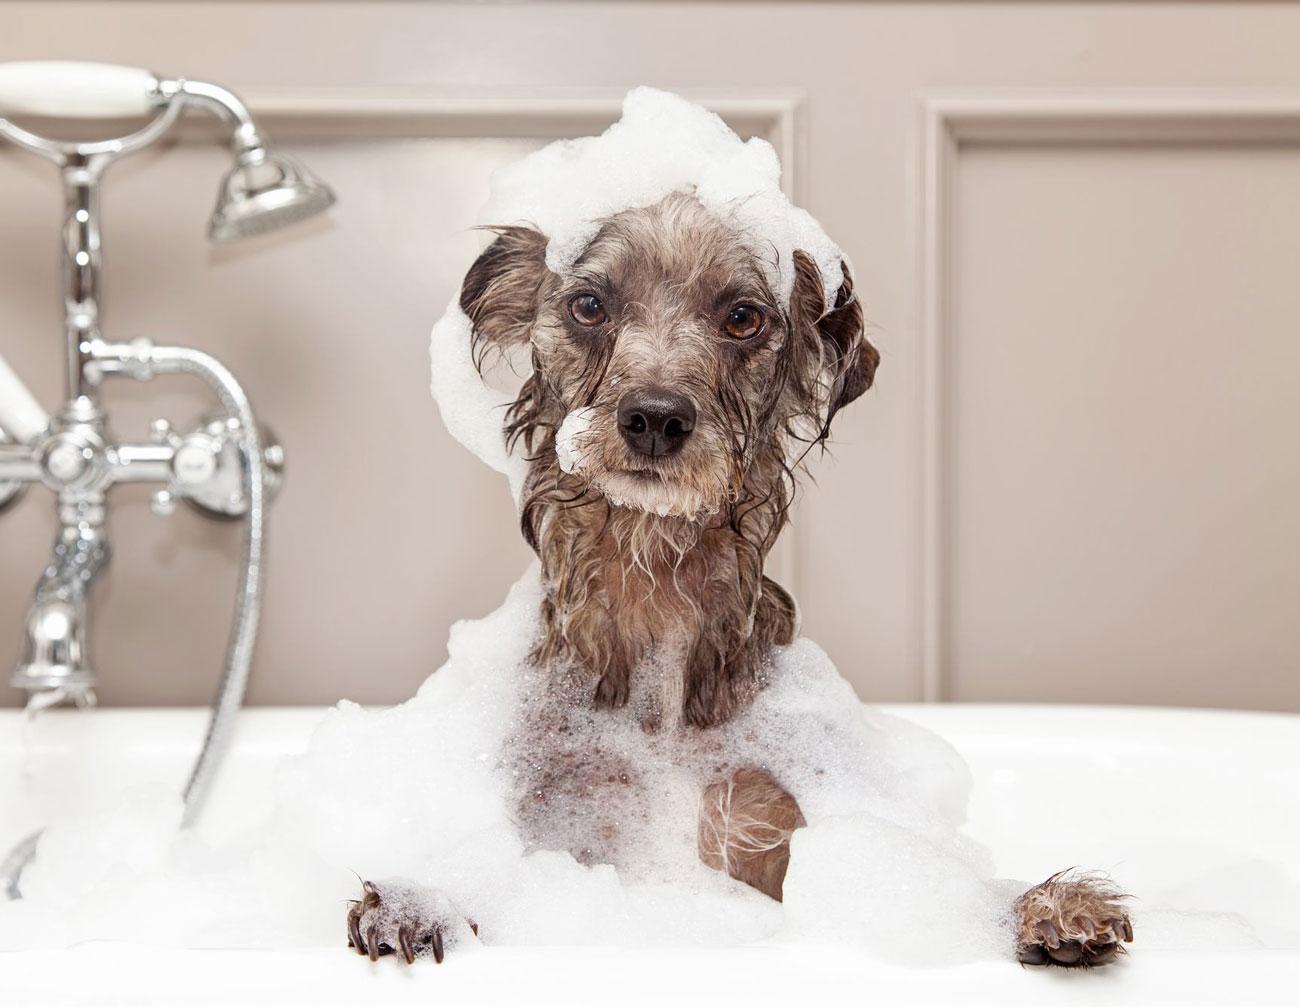 pode usar shampoo de cabelo em cachorro?